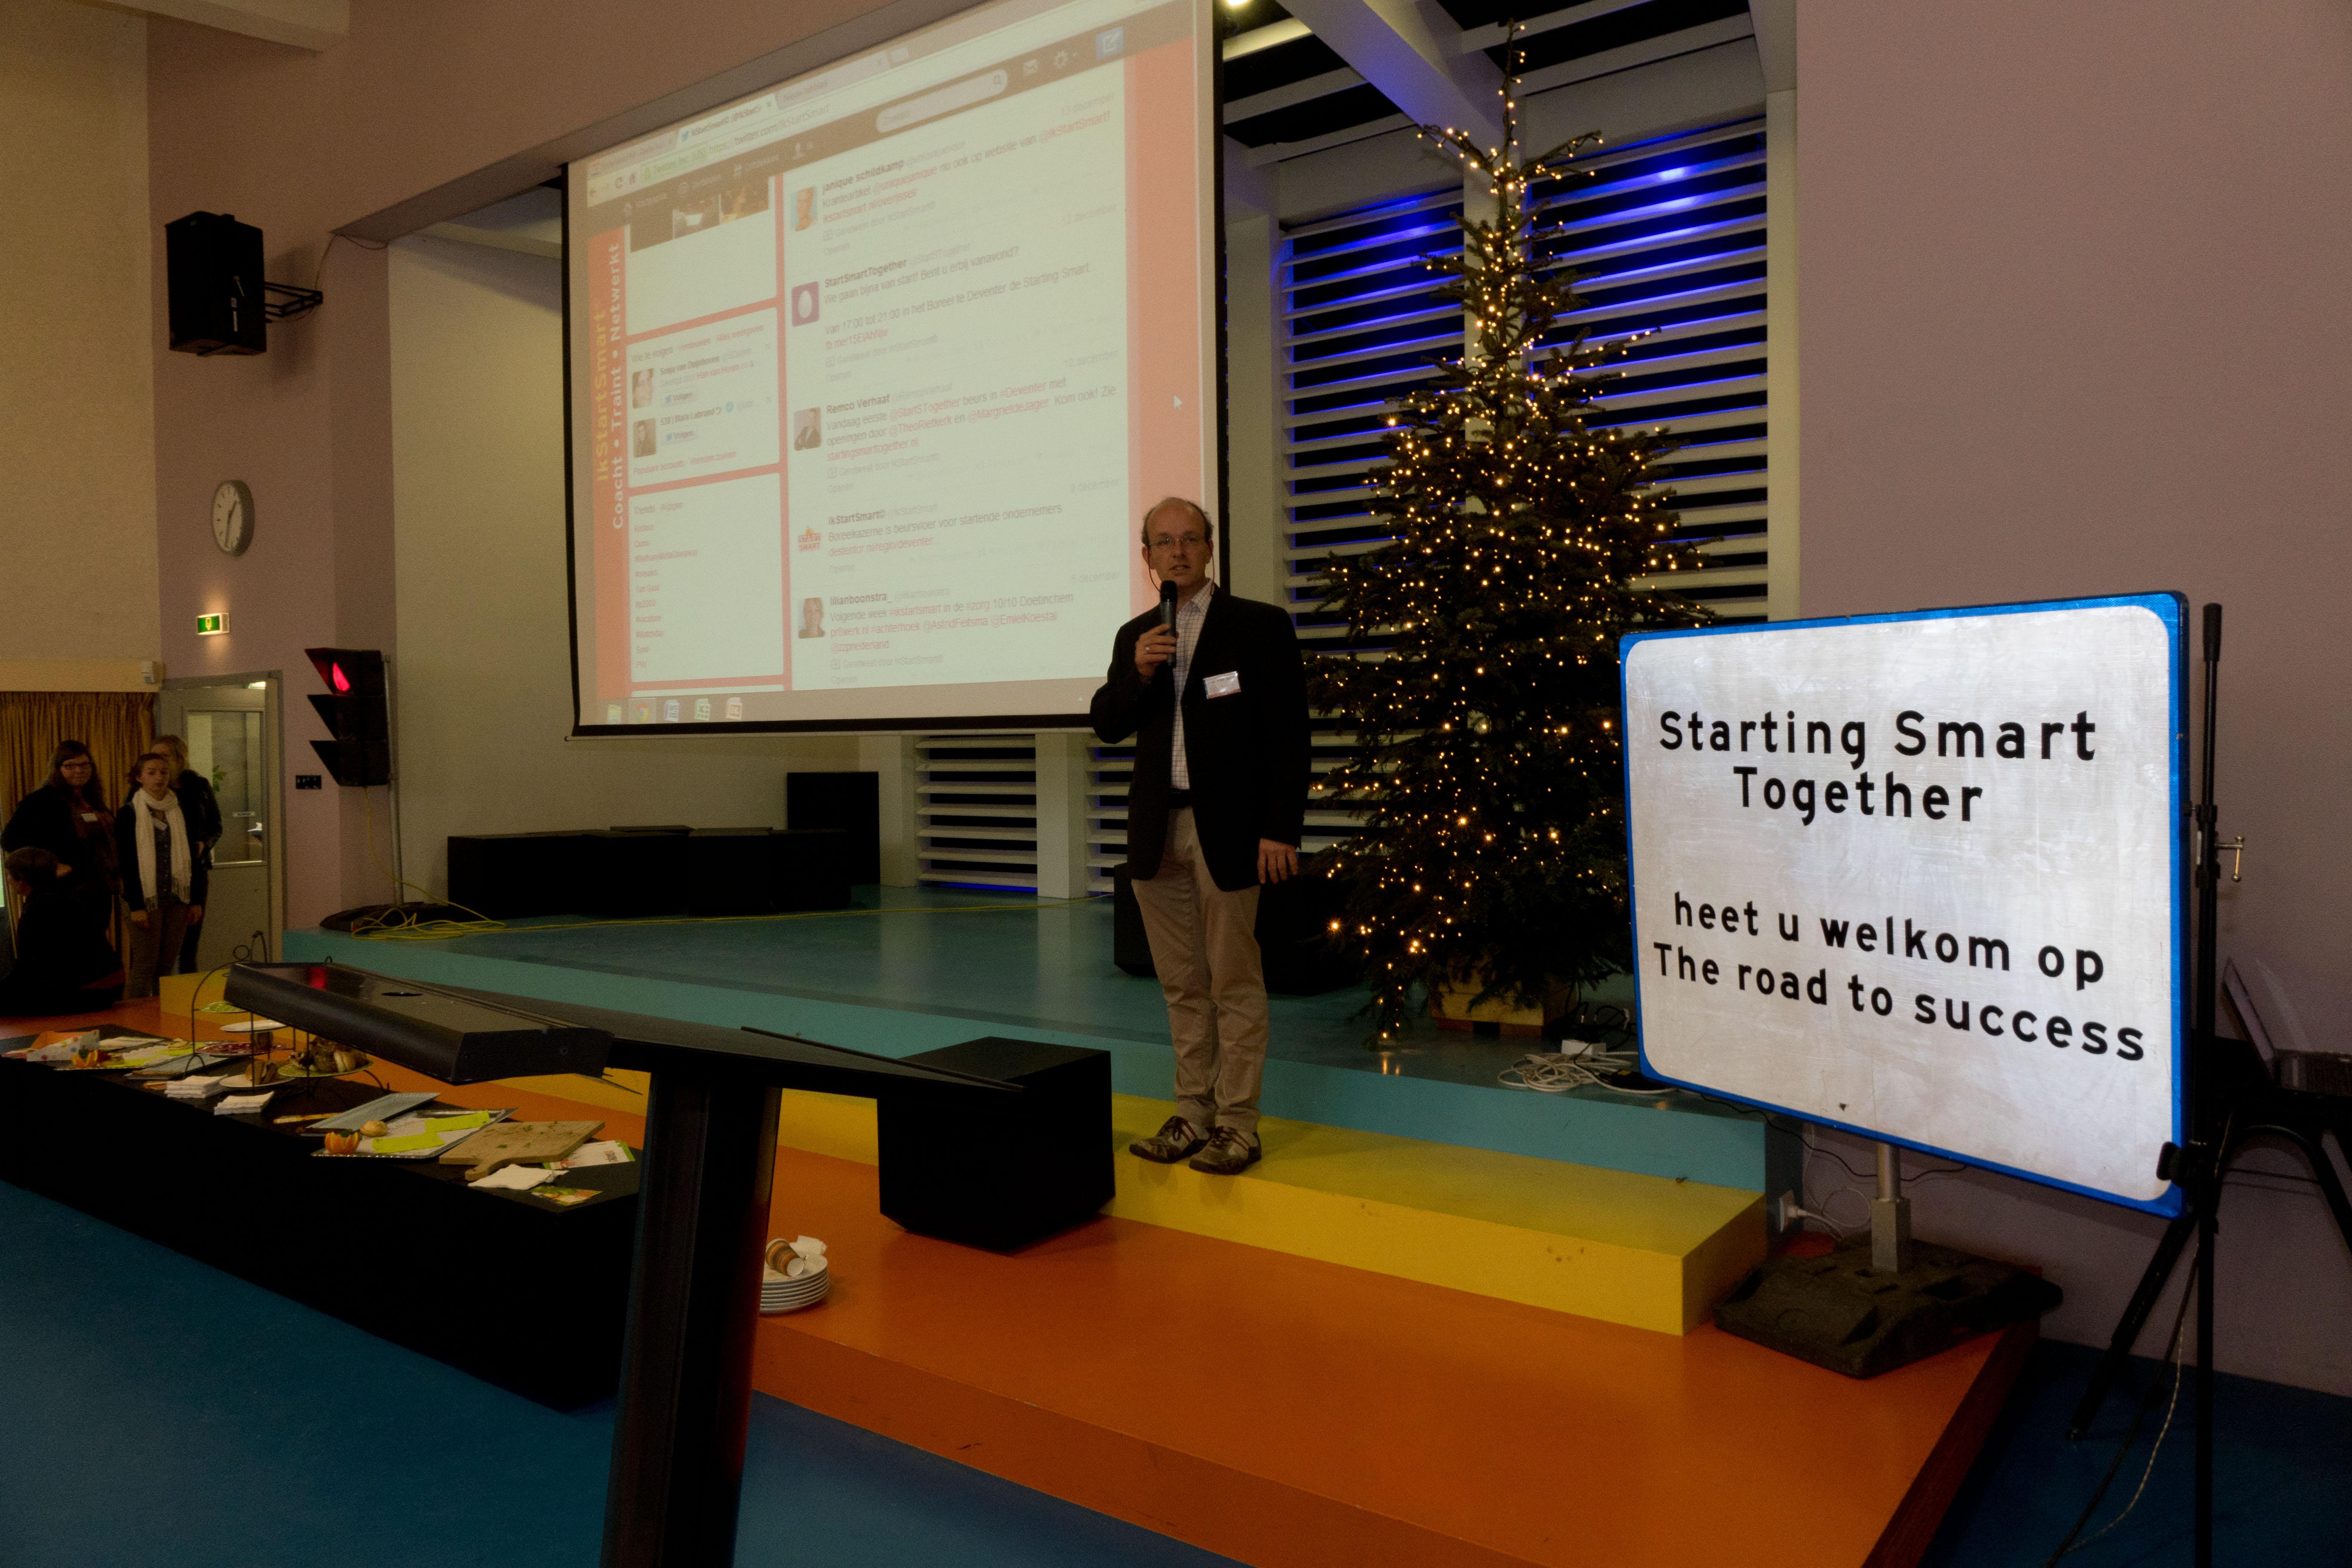 impressie van de beurs in Arnhem van 14 december 2013